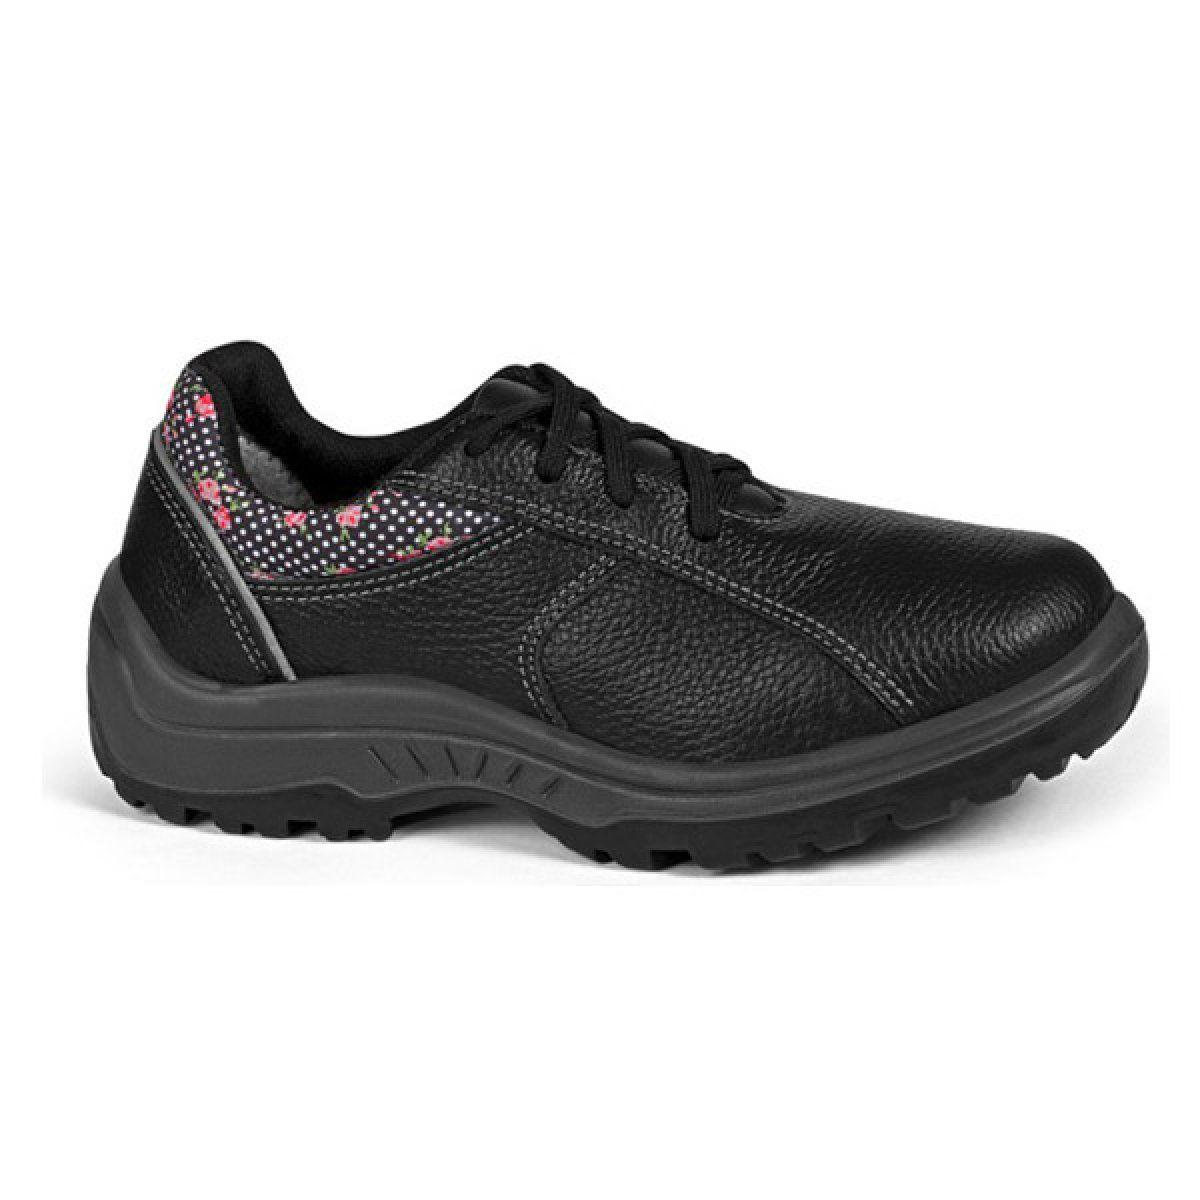 Sapato Feminino c/ Cadarço Bidensidade s/ Bico de Aço Preto N°34 - BRACOL